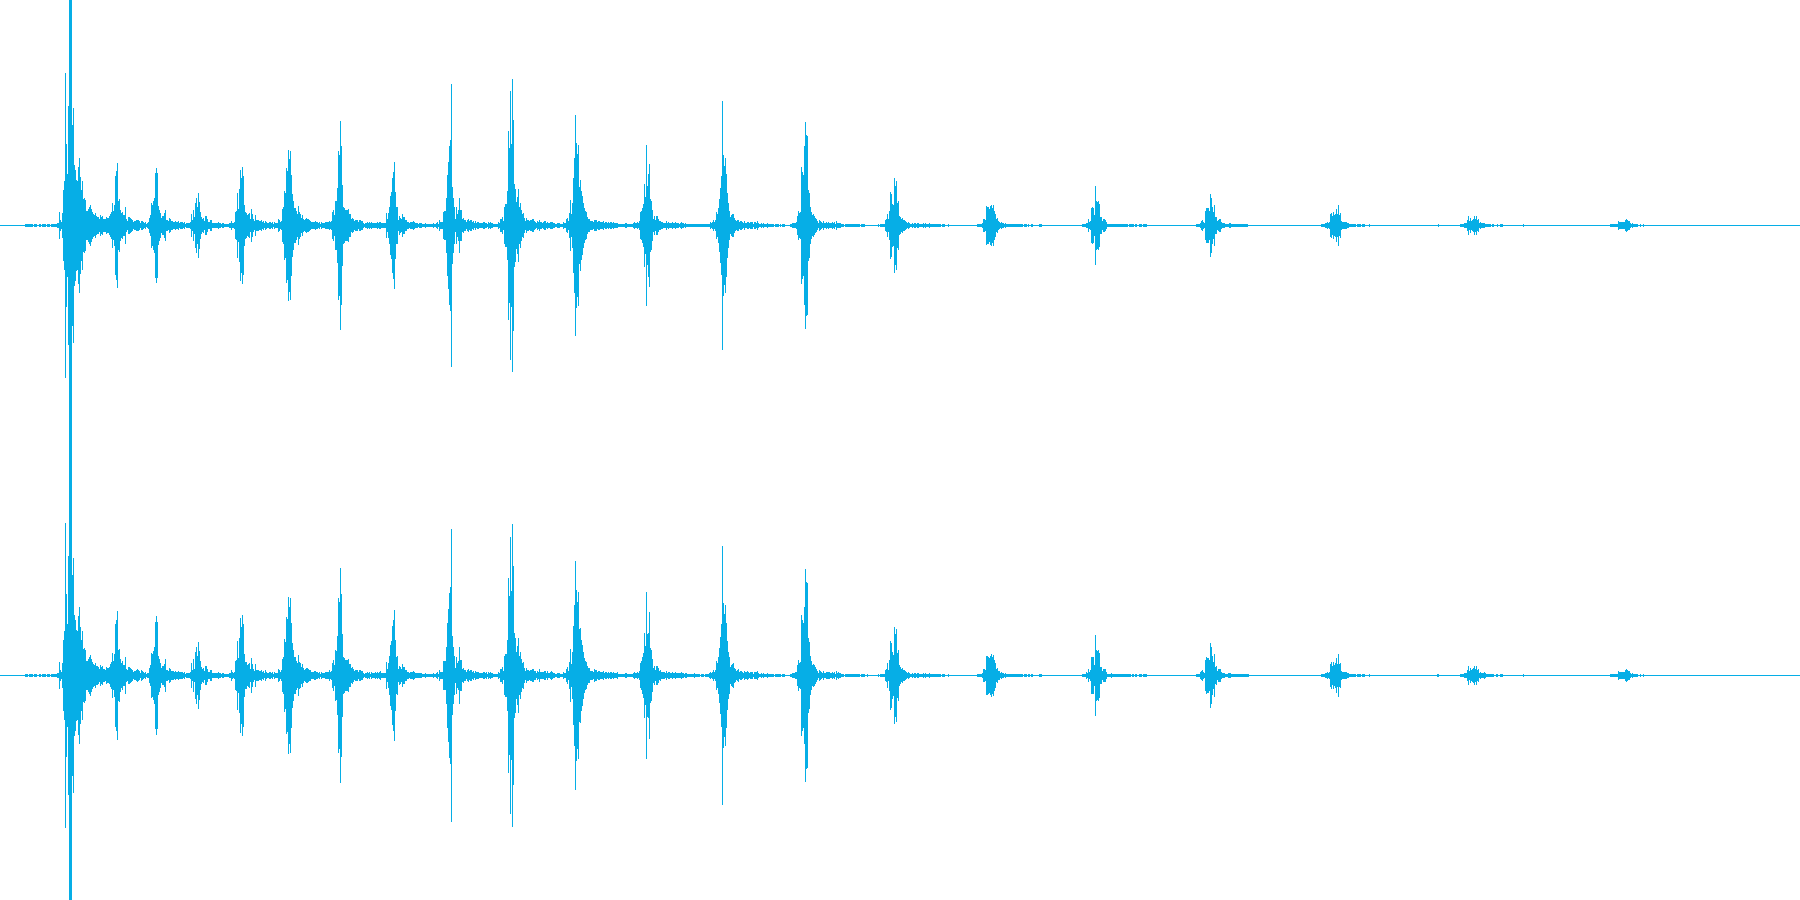 ピチュルルル・・・ル・ル・・ンの再生済みの波形